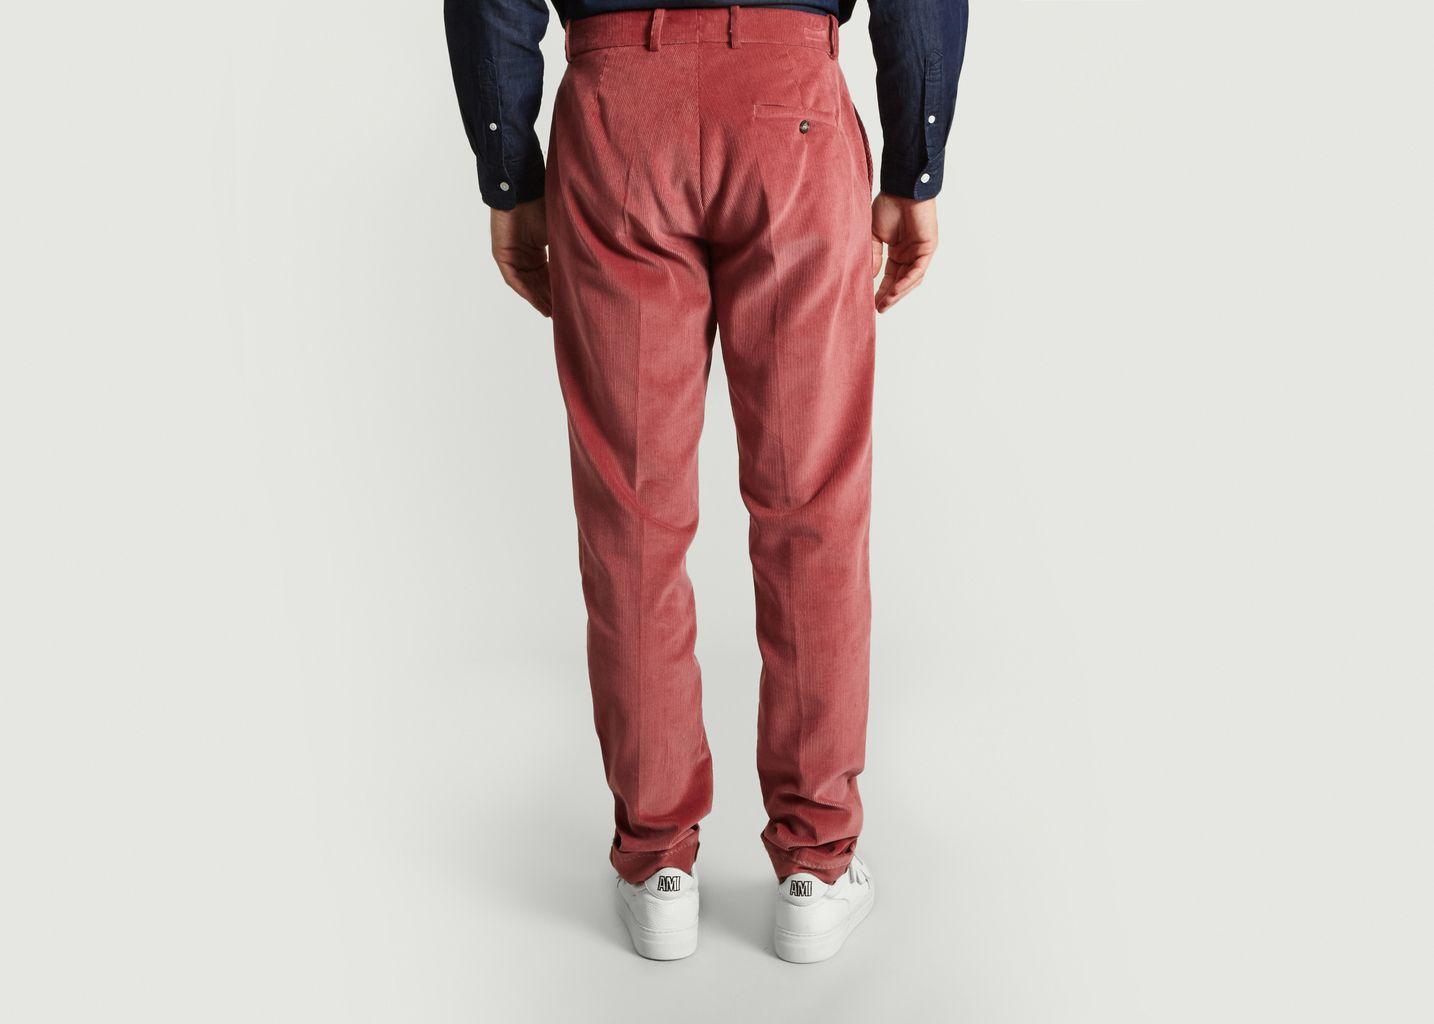 Pantalon François - Editions M.R